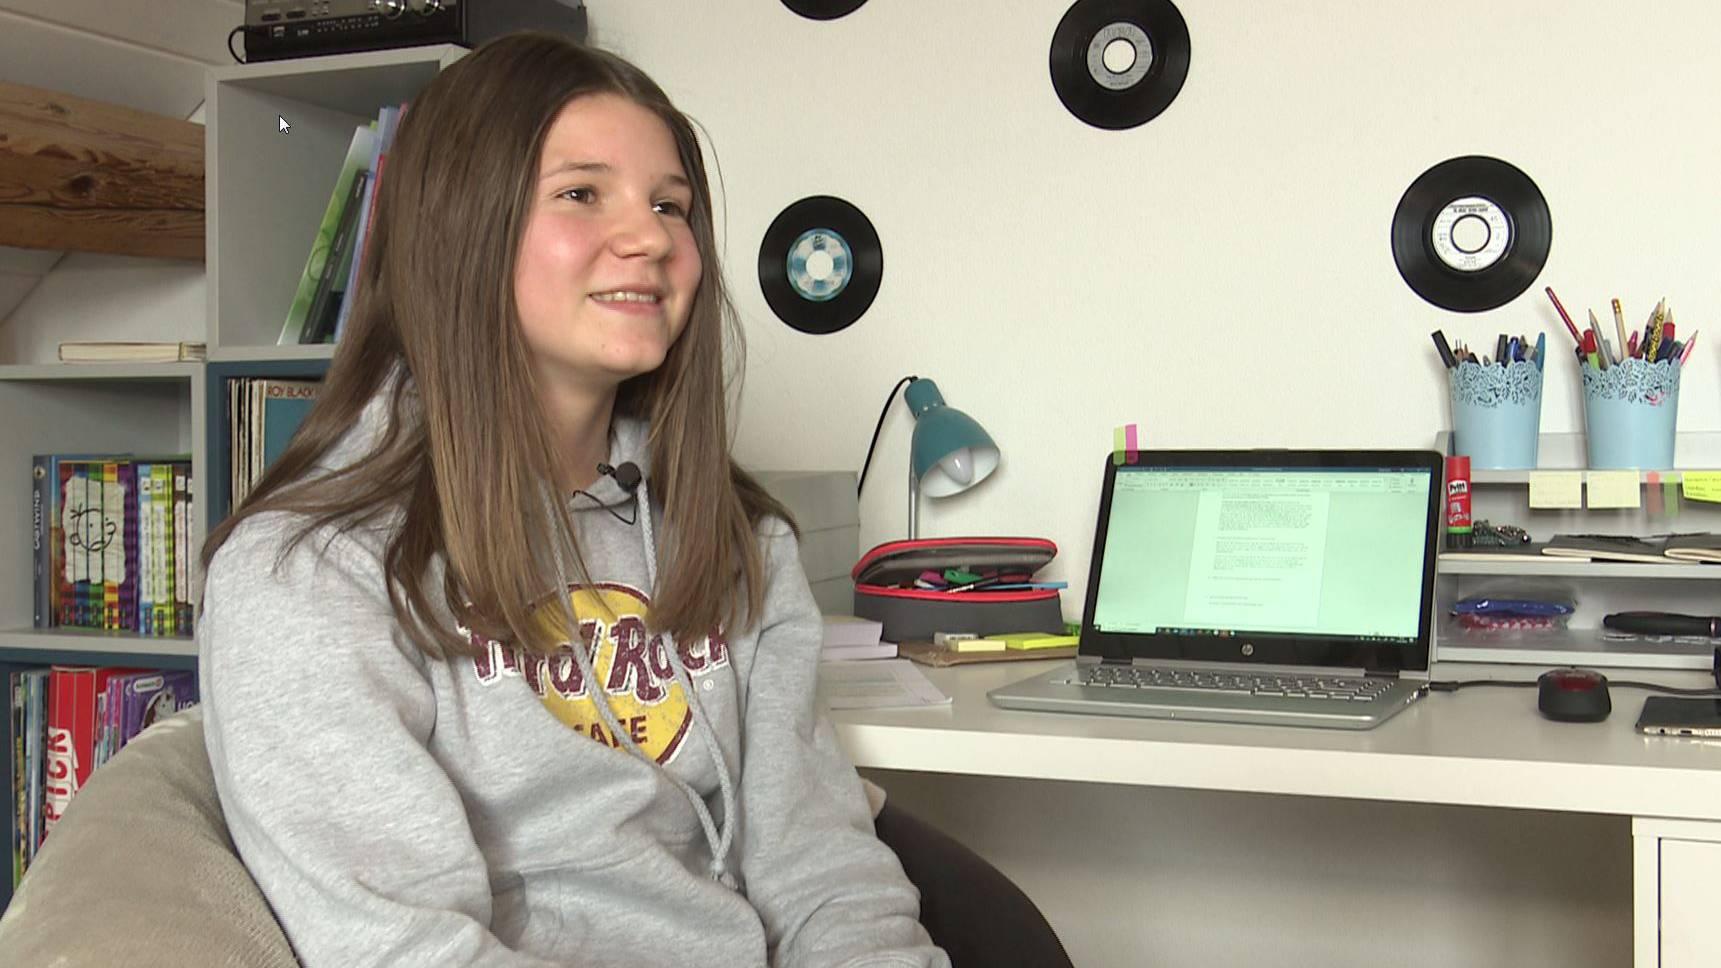 Die 12-jährige Noelle Lüscher vermisst an der Schule vor allem den Kontakt mit ihren Mitschülern.